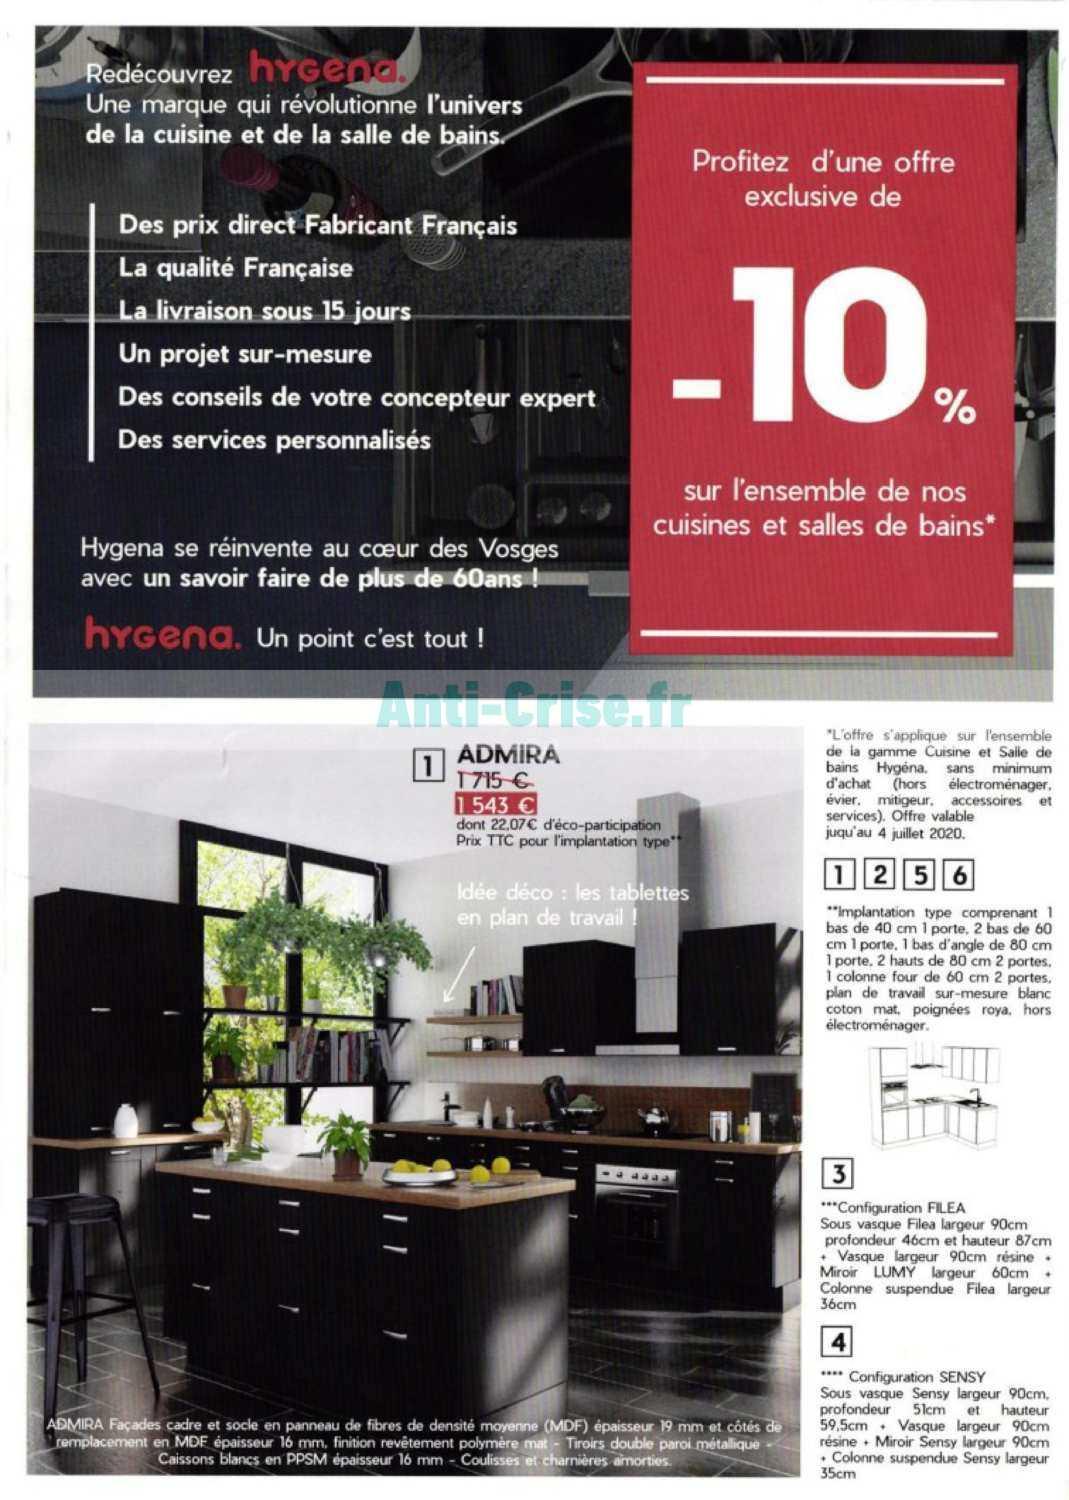 Hygena Le Nouveau Catalogue Du 25 Juin Au 04 Juillet 2020 Est Disponible Ne Ratez Pas Les Promos Du Catalogue